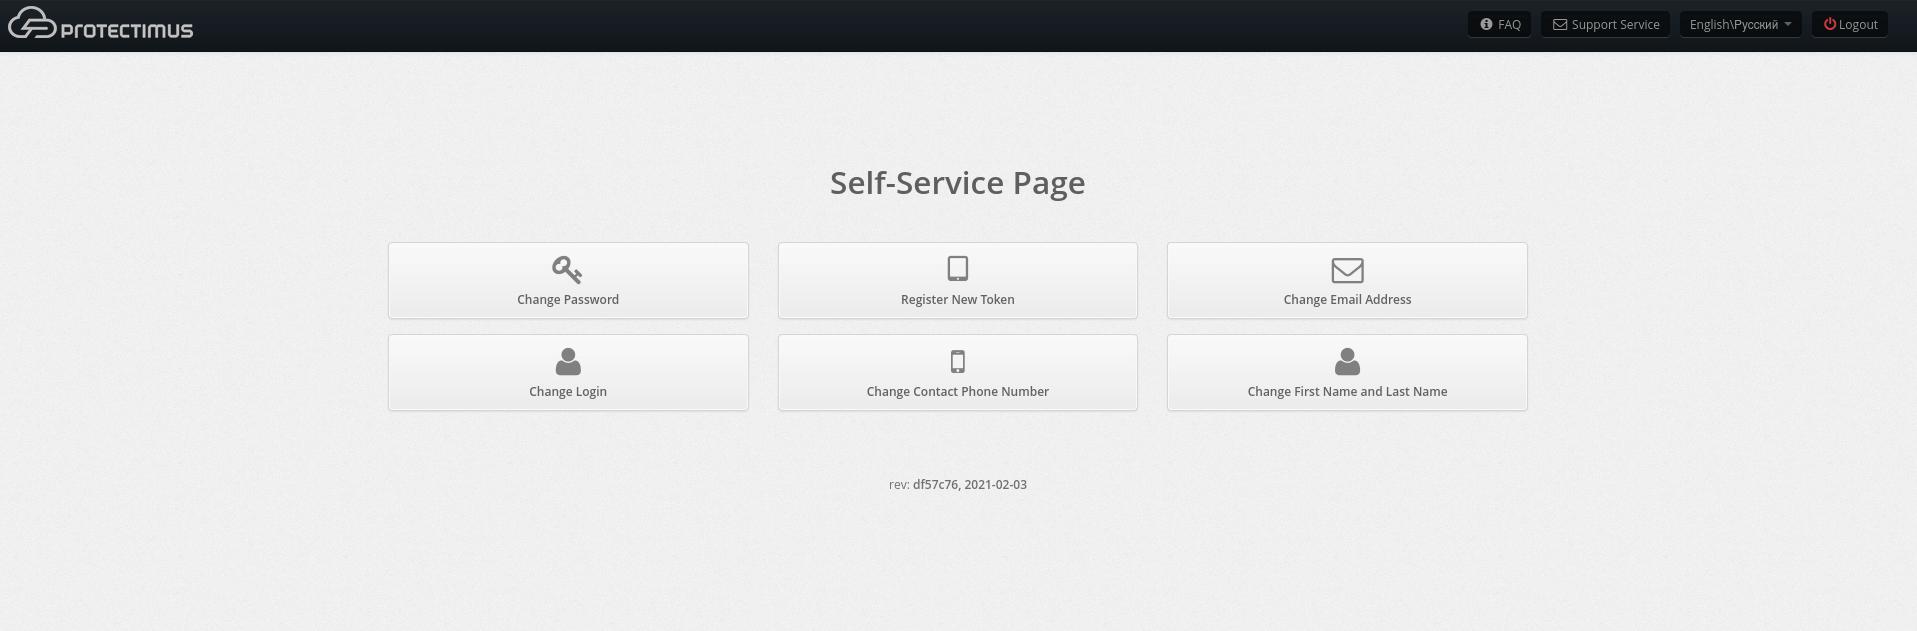 Protectimus 2FA Self-Service Portal page